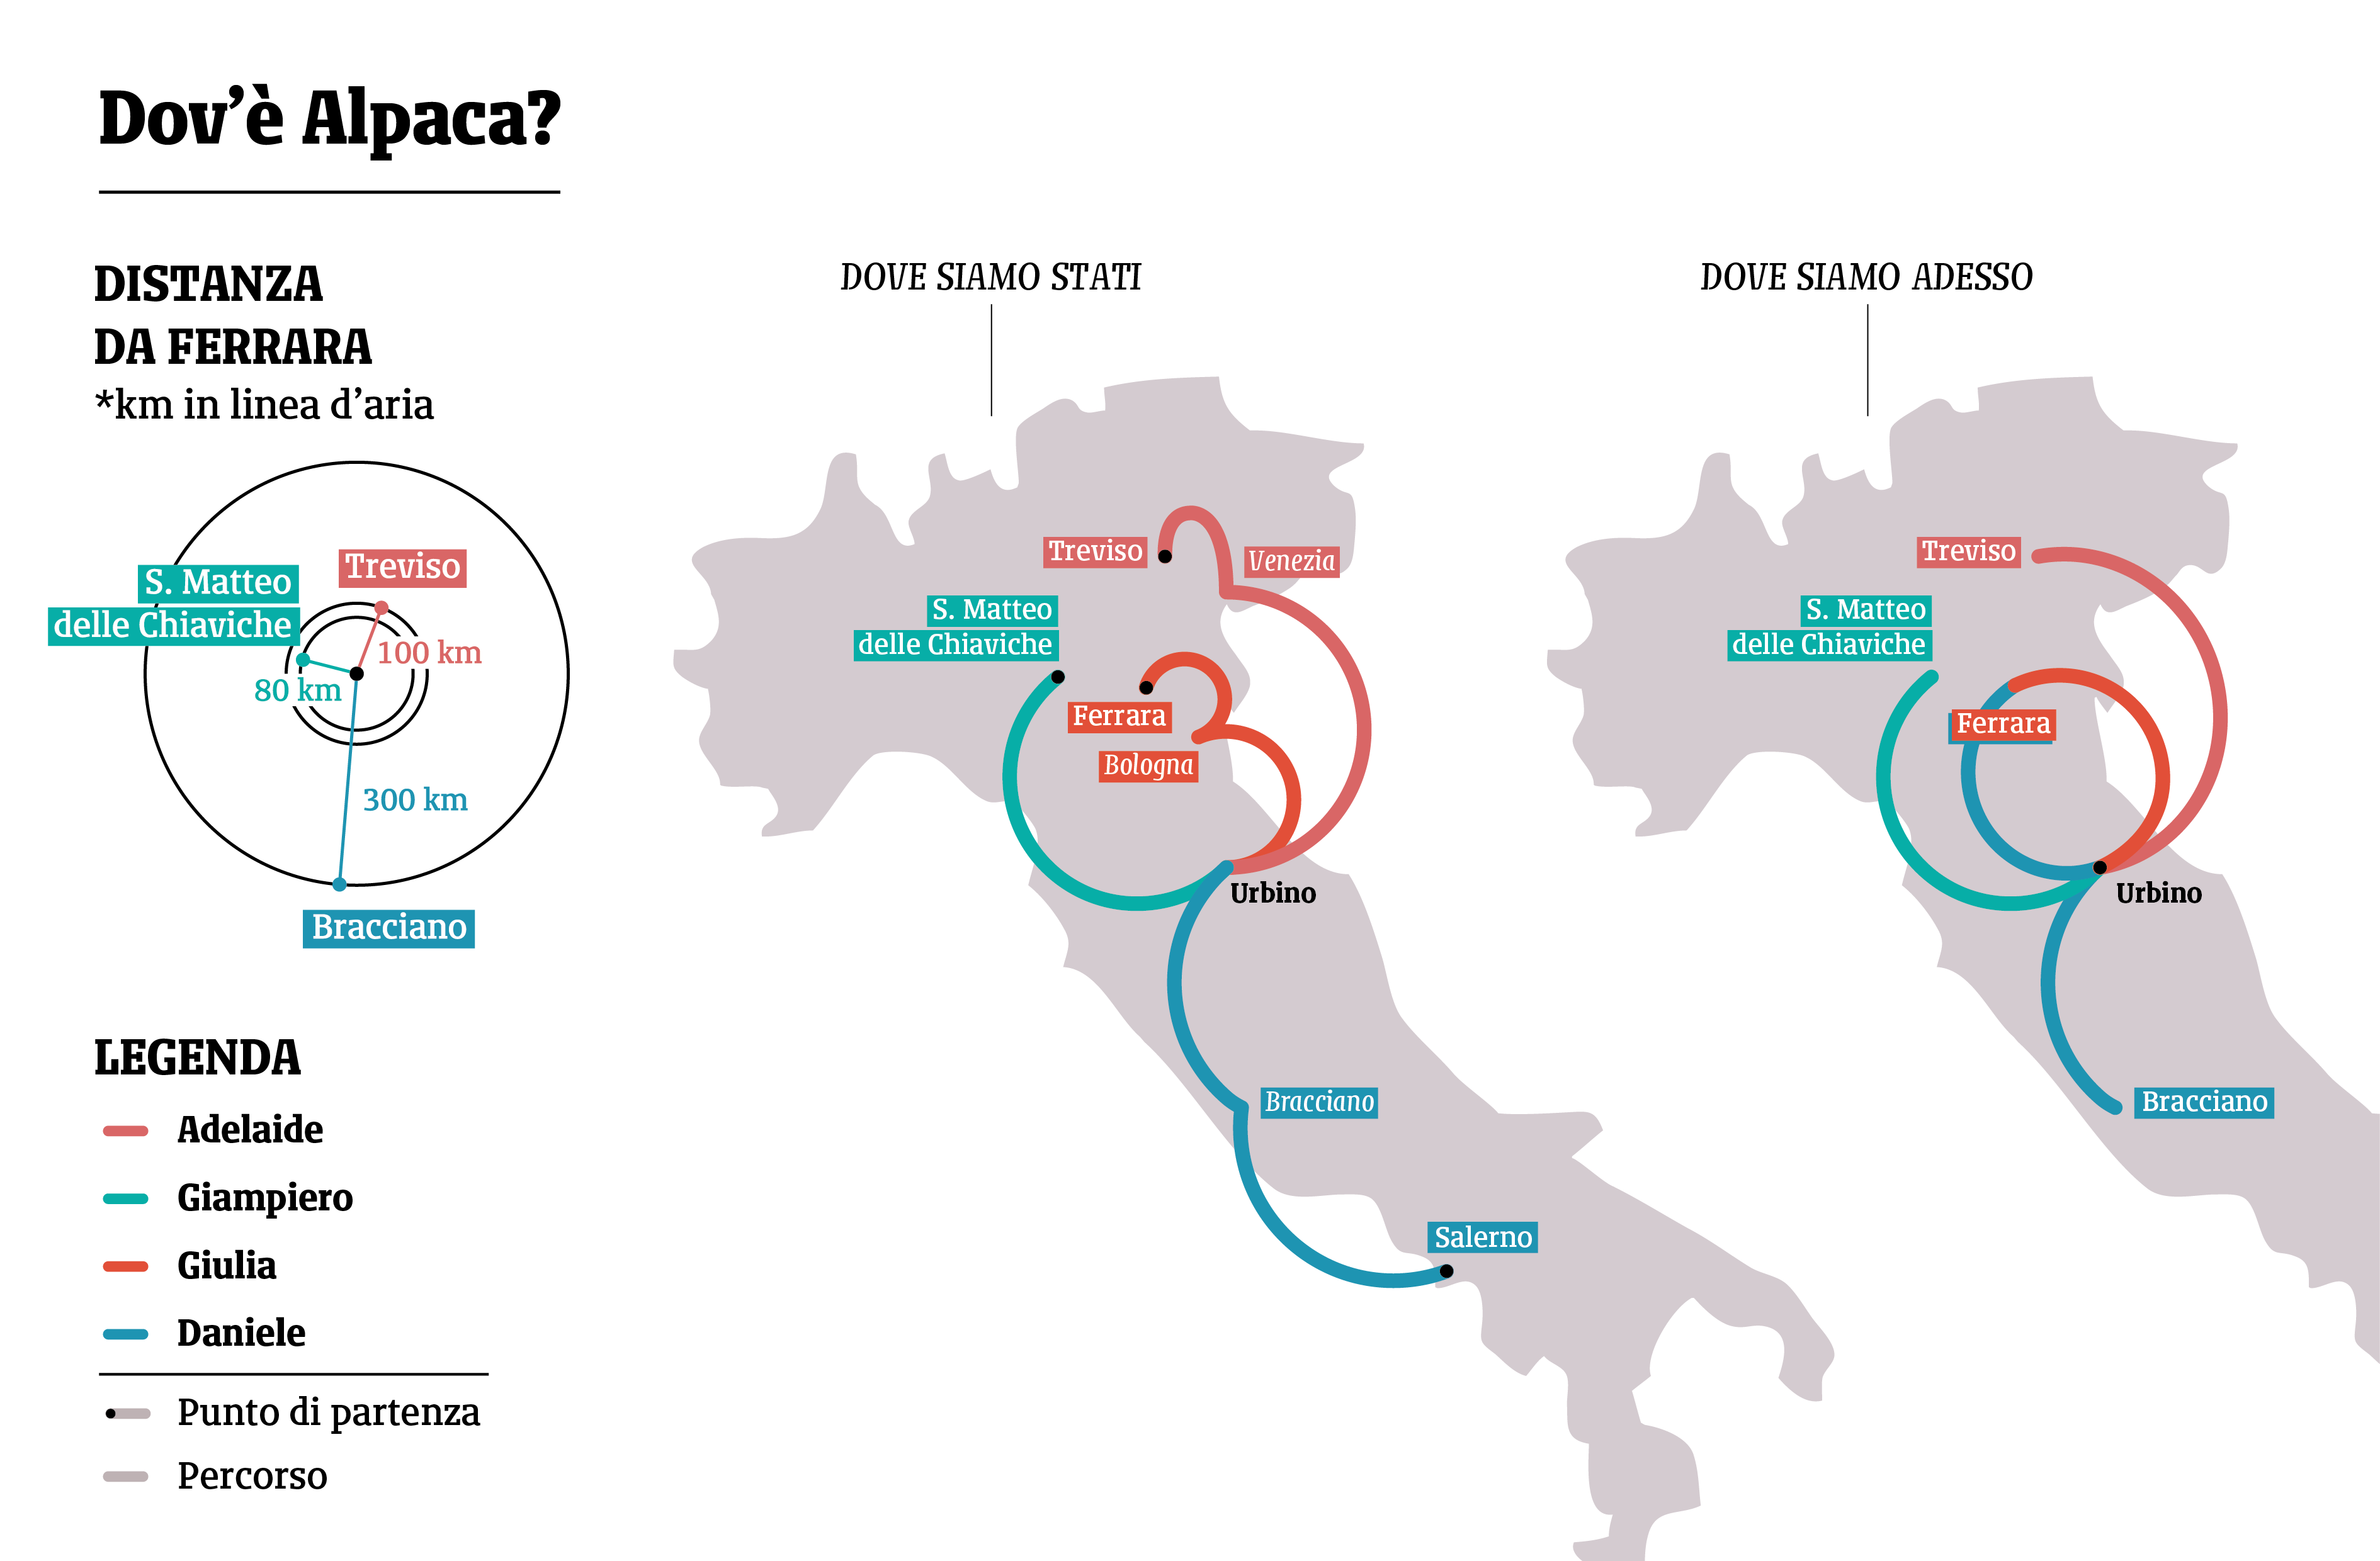 Mappa dell'Italia che evidenzia i luoghi da cui i soci provengono e dove si trovano attualmente. Le città elencate sono: Salerno, Bracciano, Urbino, Ferrara, San Matteo delle Chiaviche e Treviso